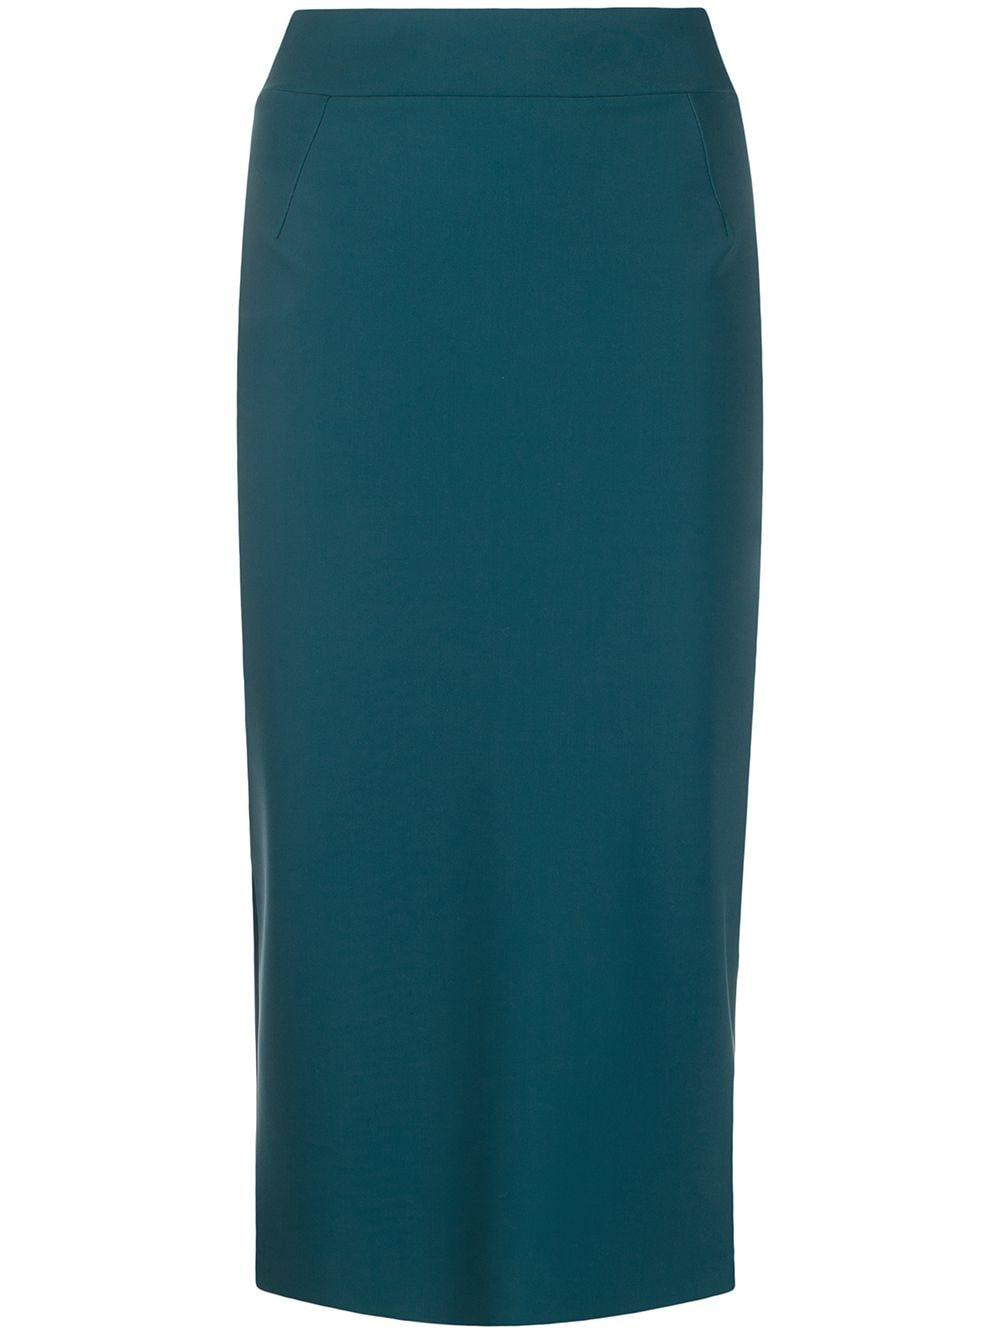 Le Petite Robe Di Chiara Boni юбка-карандаш миди Delfina